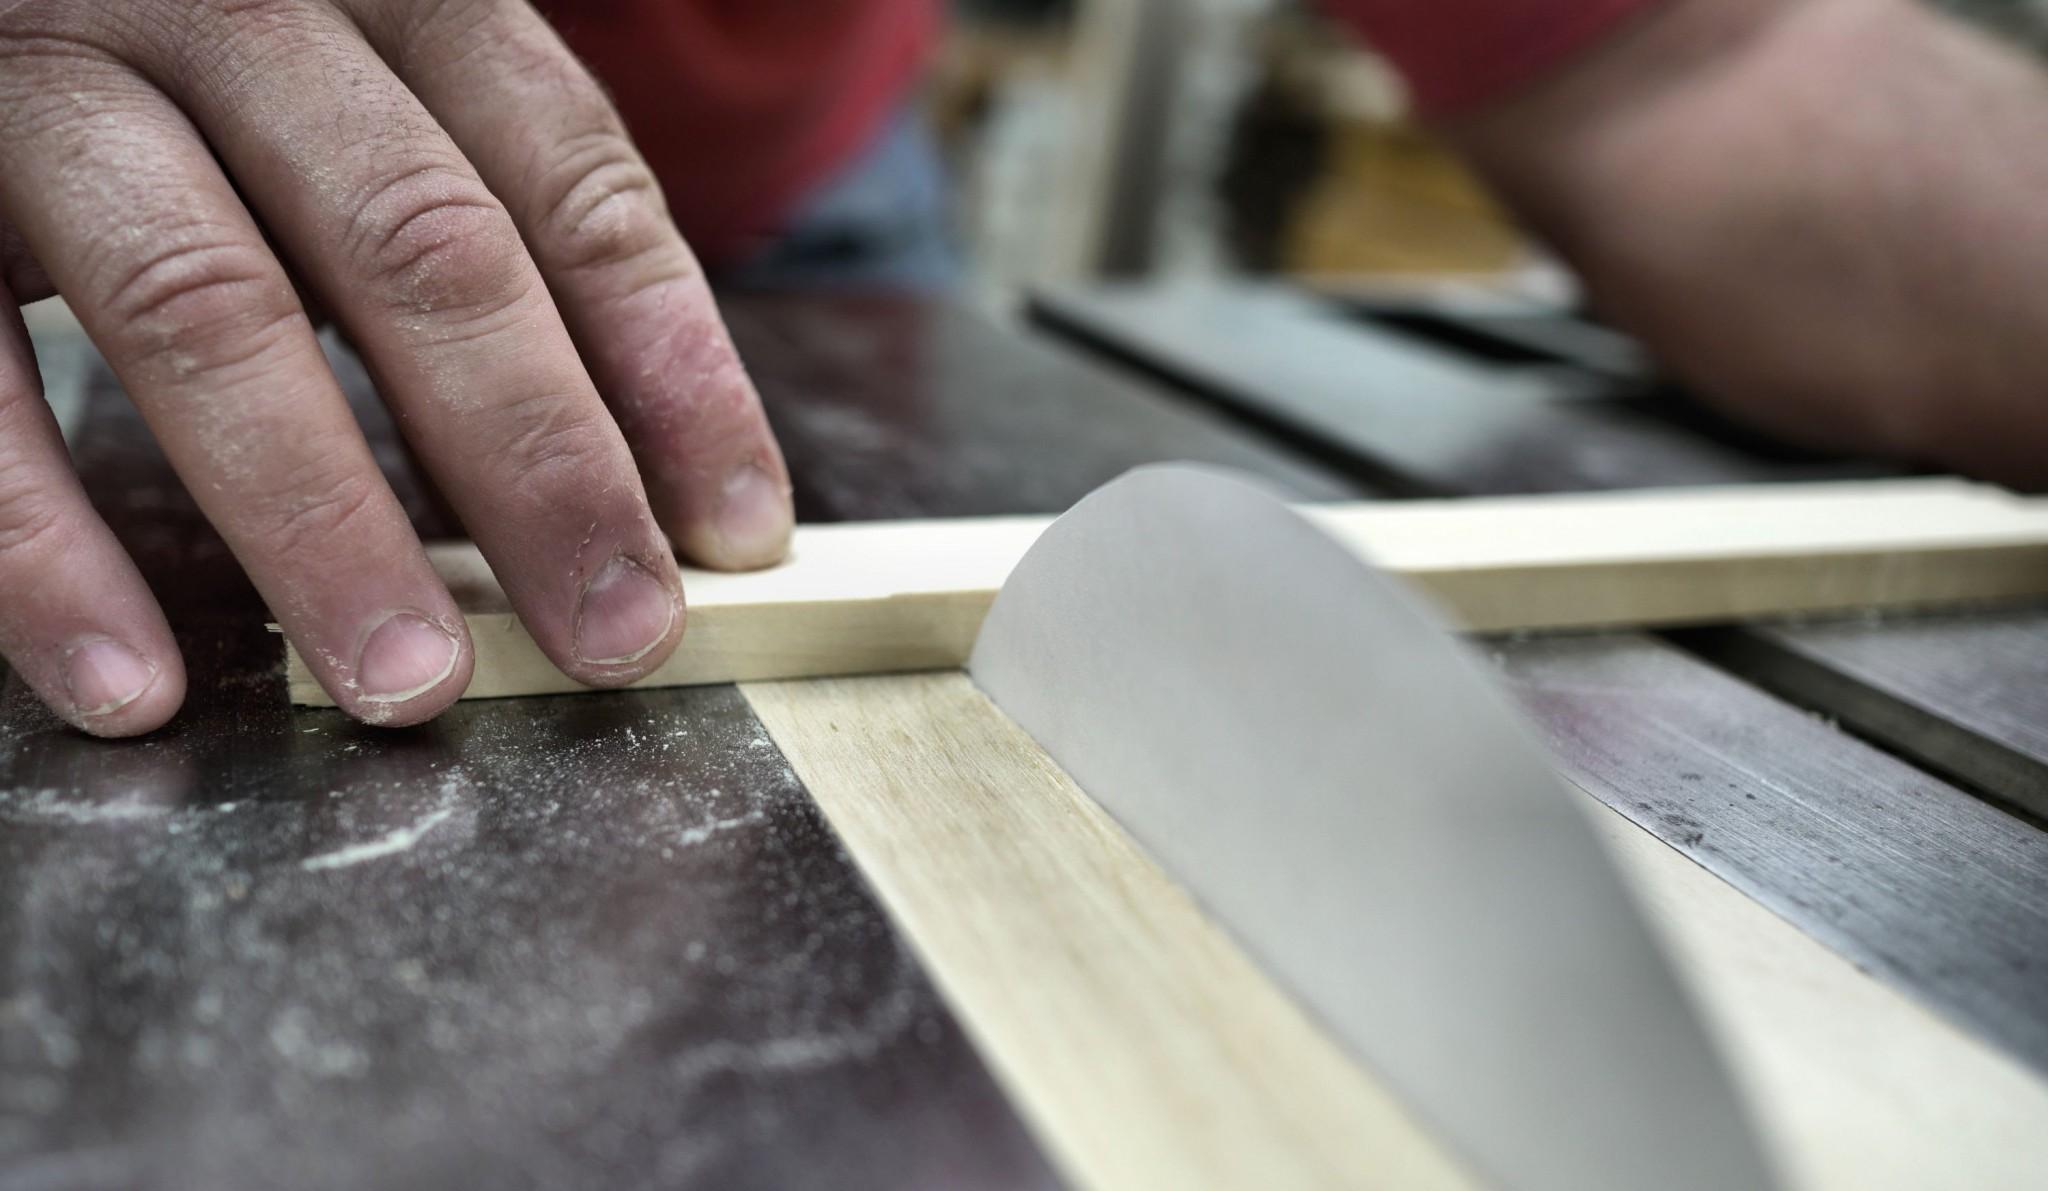 紙能切木 !?  切木機用紙當刀用切木無難度